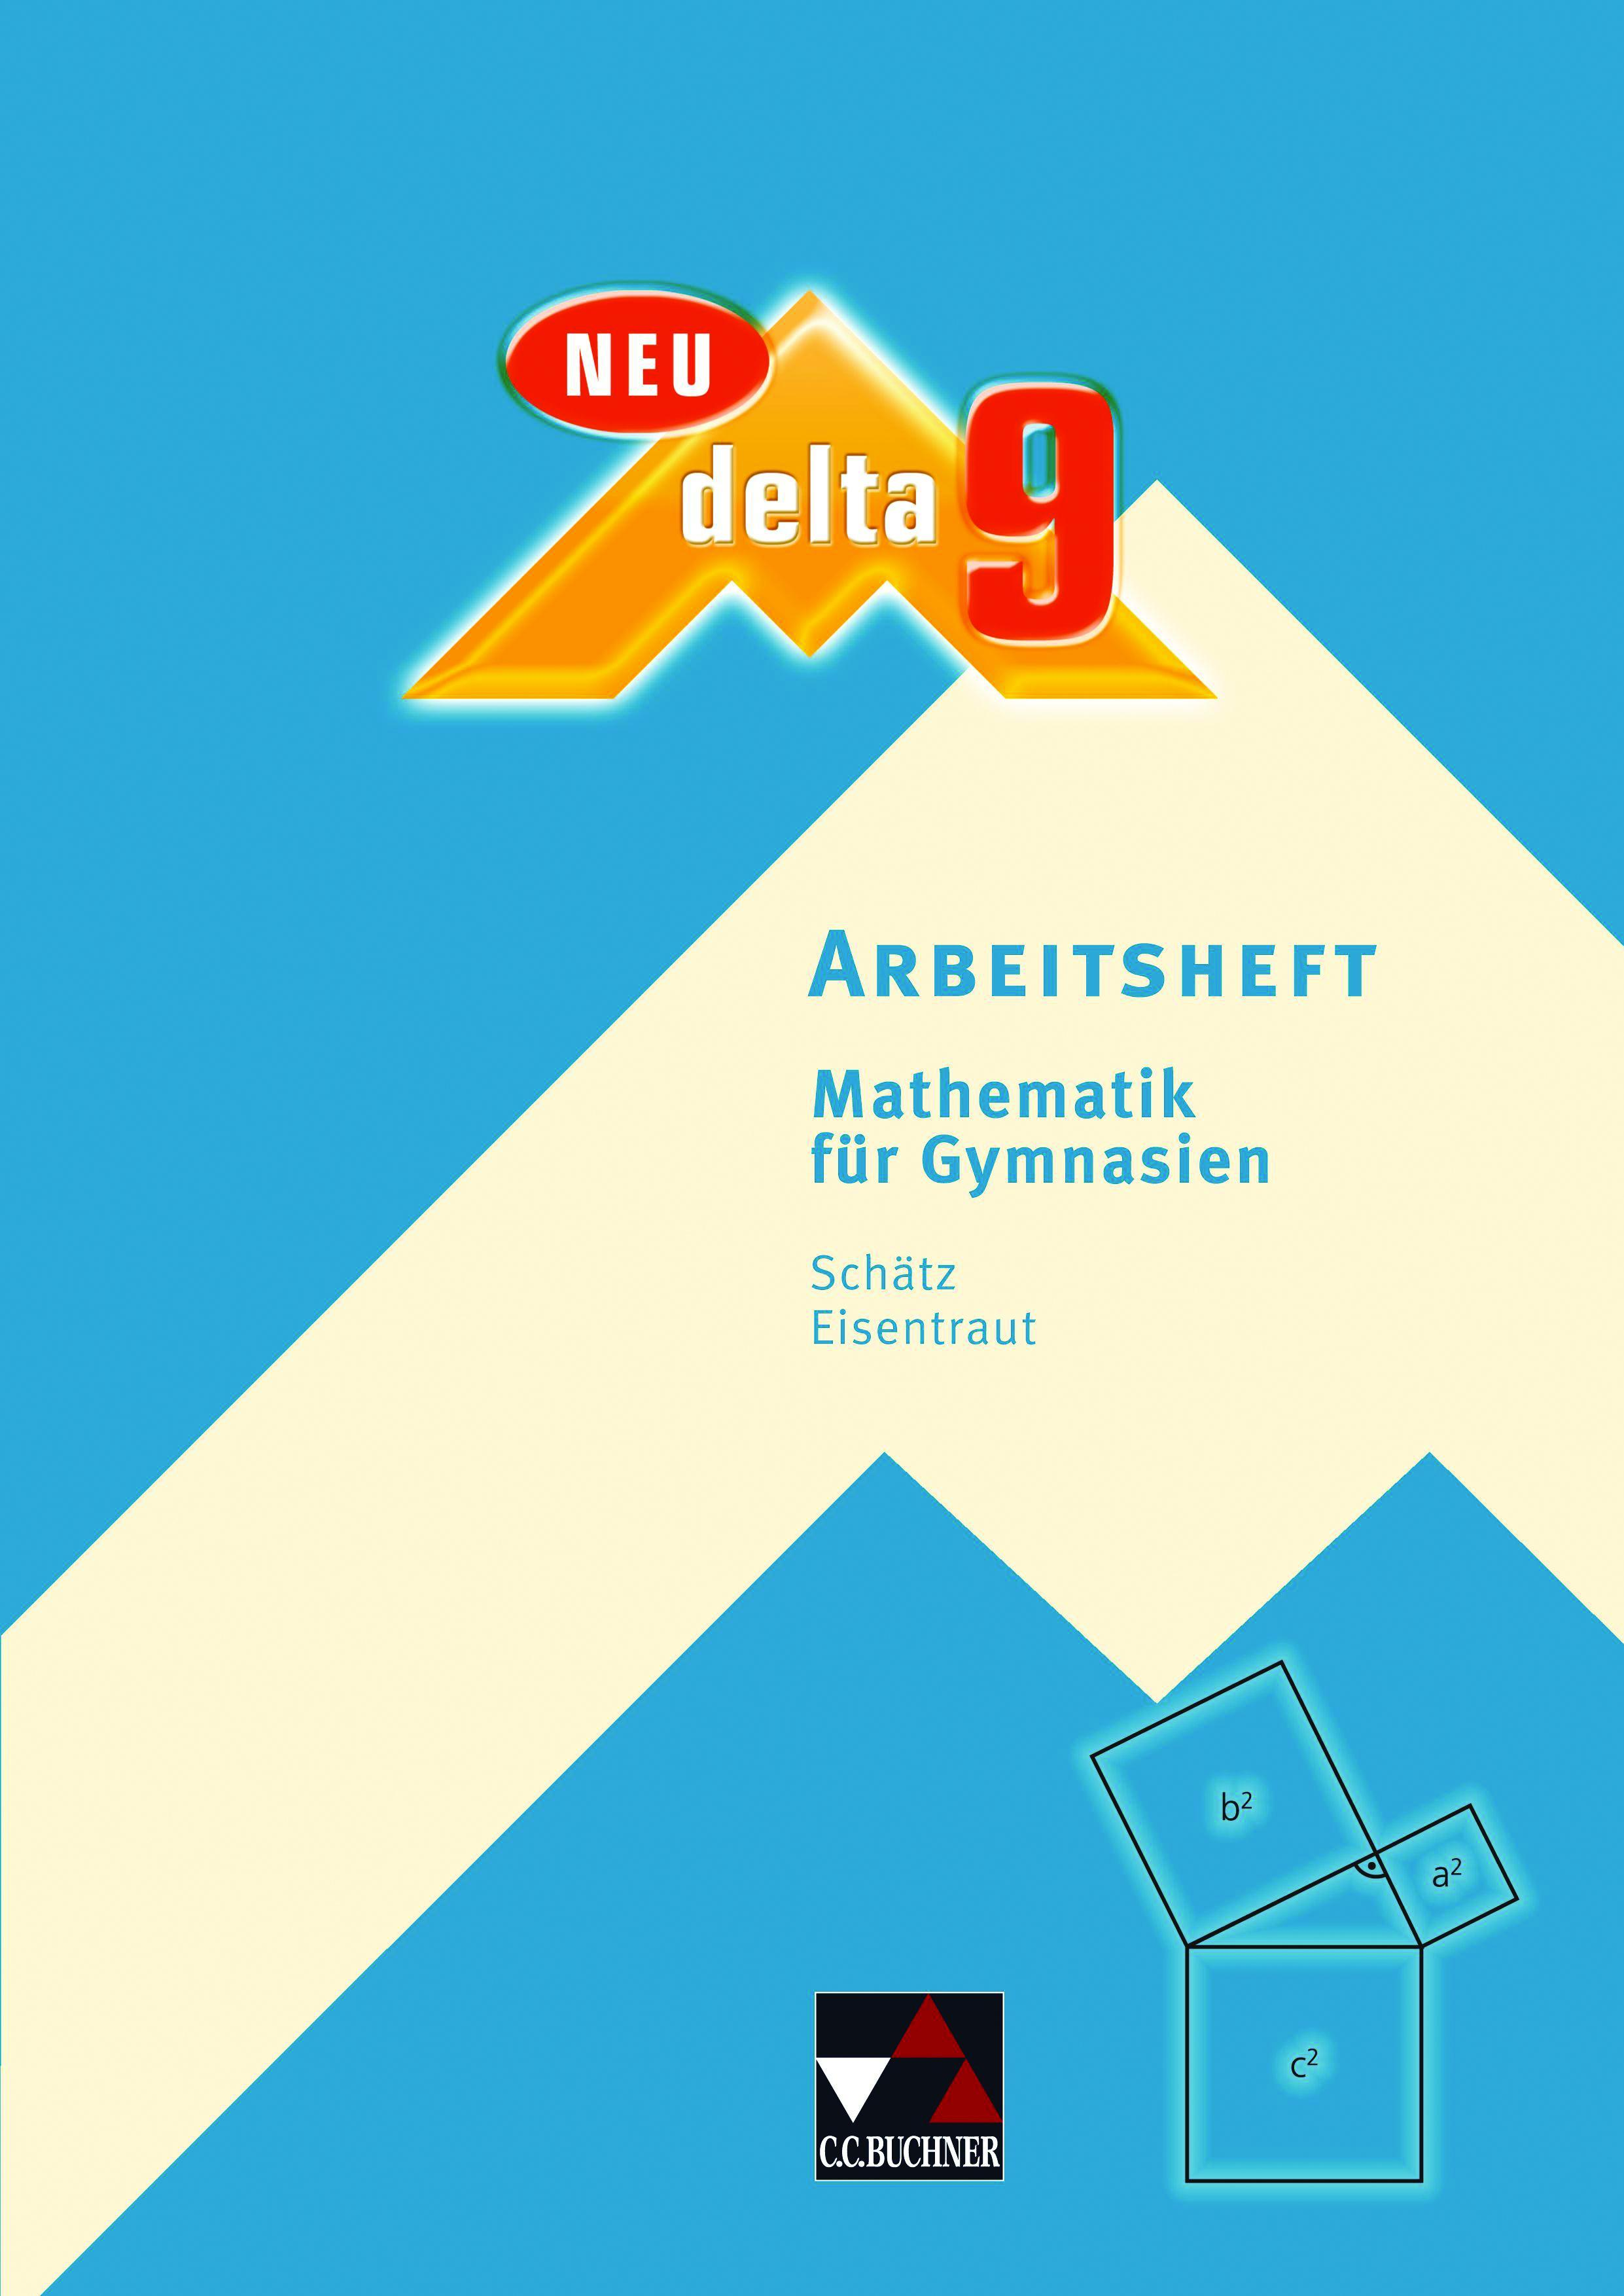 delta - neu / delta AH 9 - neu: Mathematik für Gymnasien Ulrike Eisentraut  ...